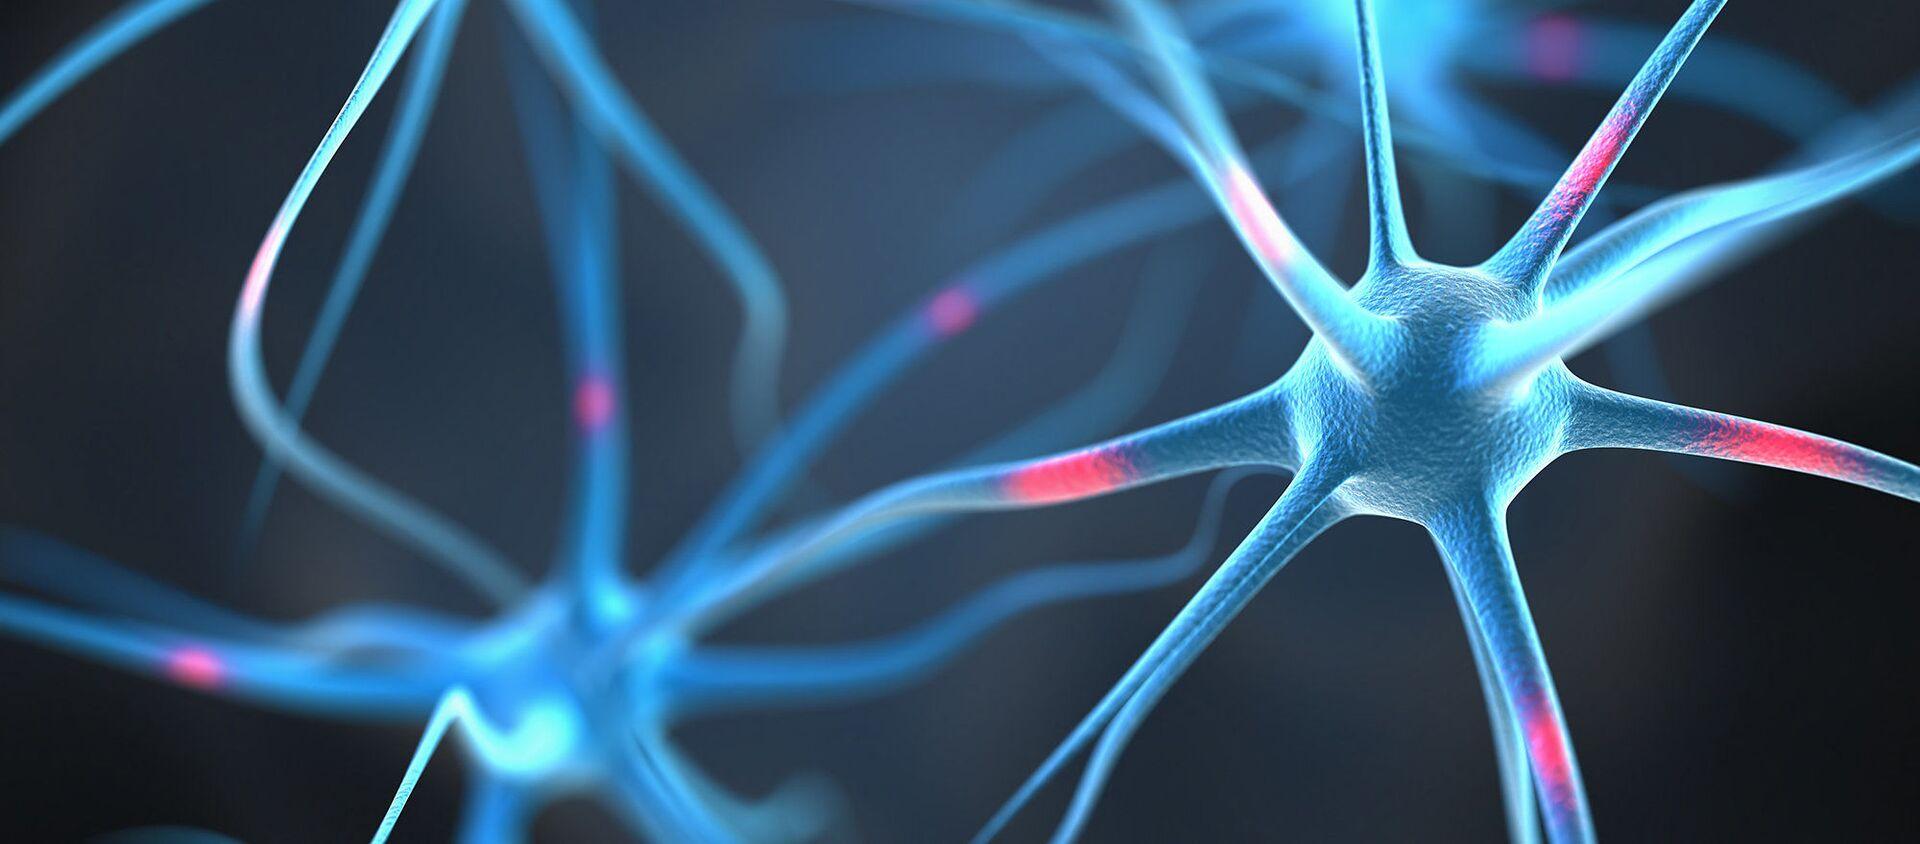 Tế bào thần kinh trong não người. - Sputnik Việt Nam, 1920, 18.09.2021